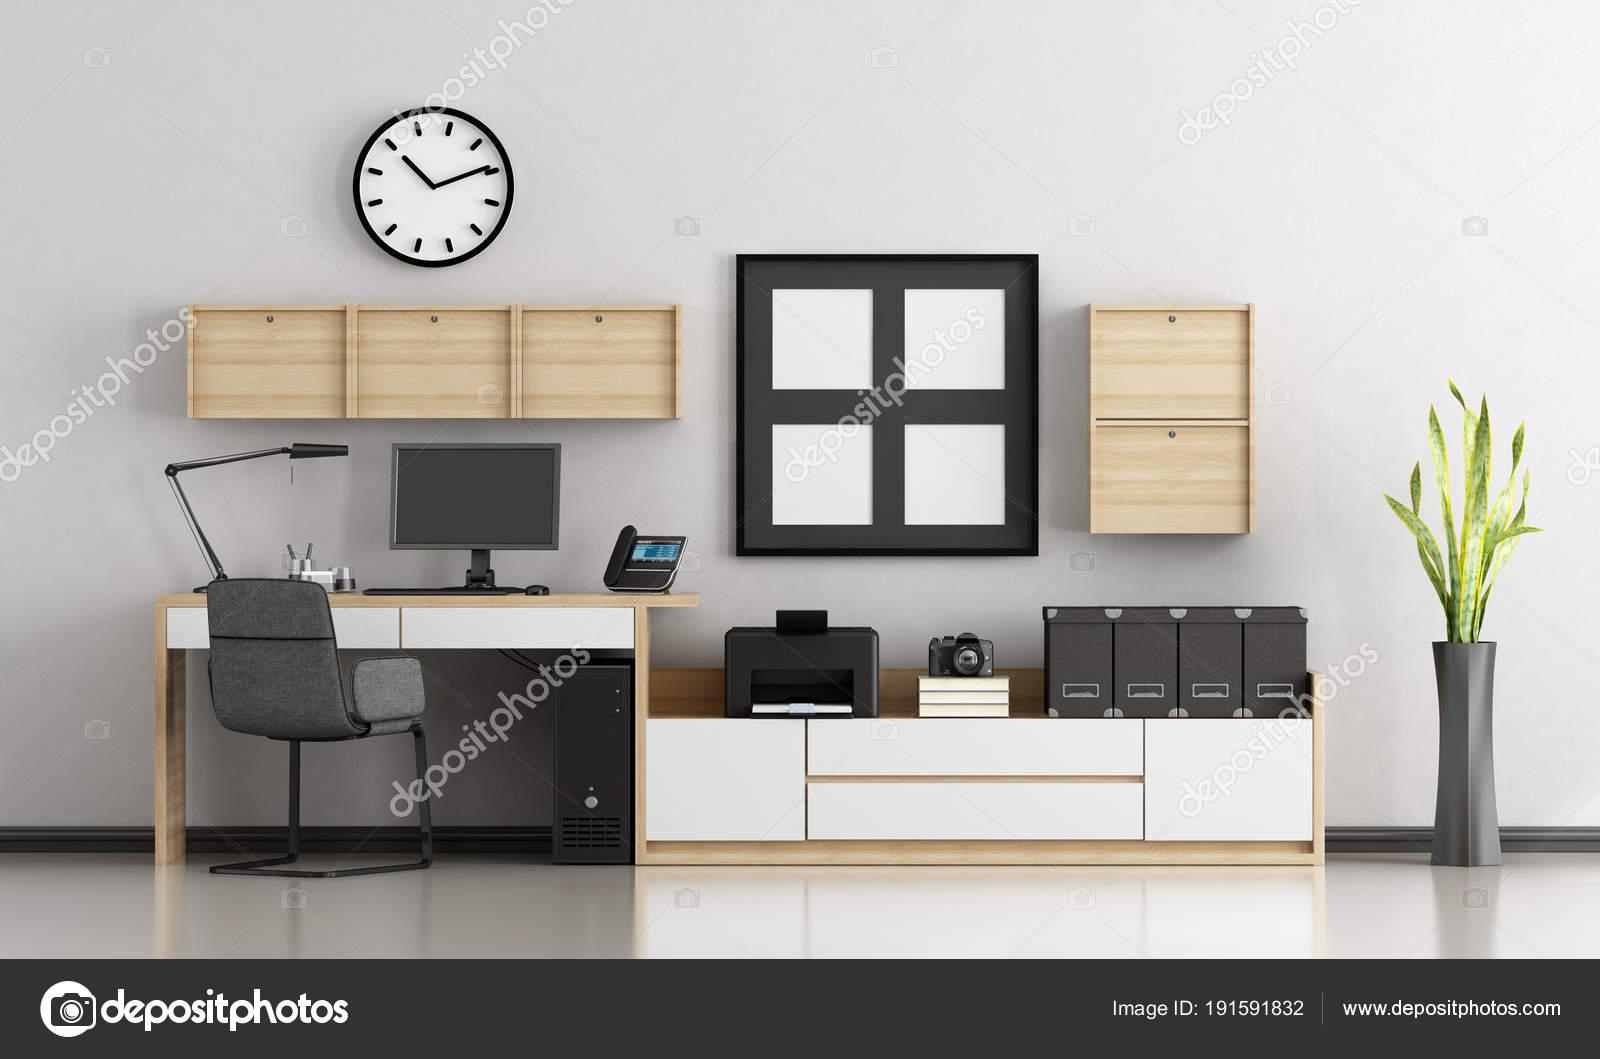 Uberlegen Minimalistische Zuhause Am Arbeitsplatz U2014 Stockfoto